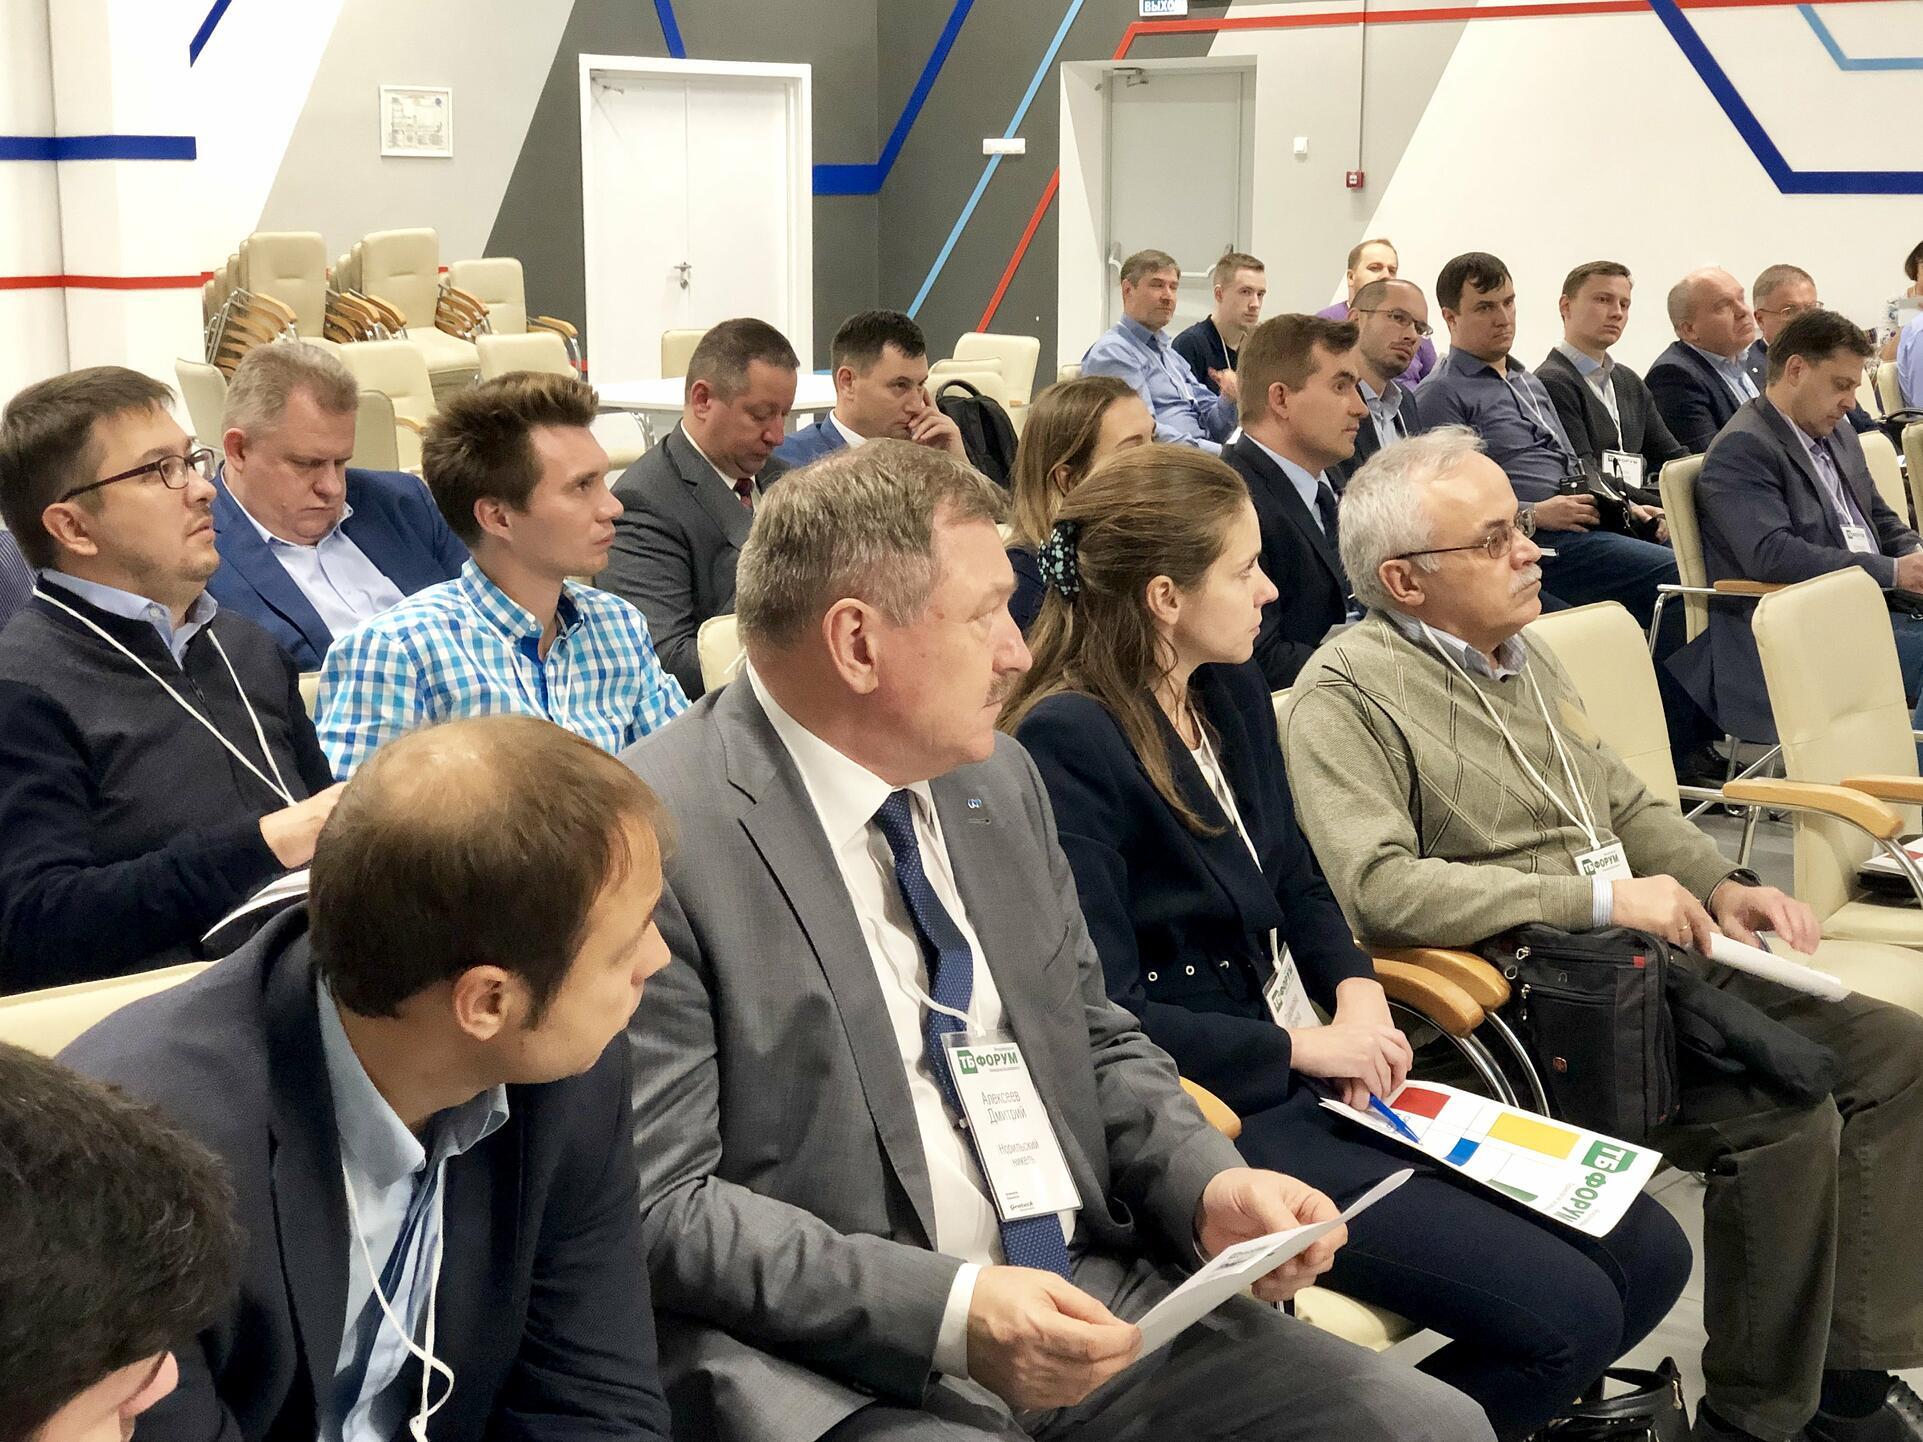 Руководители крупных ситуационных центров провели встречу с поставщиками в рамках подготовки к ТБ Форуму 2020